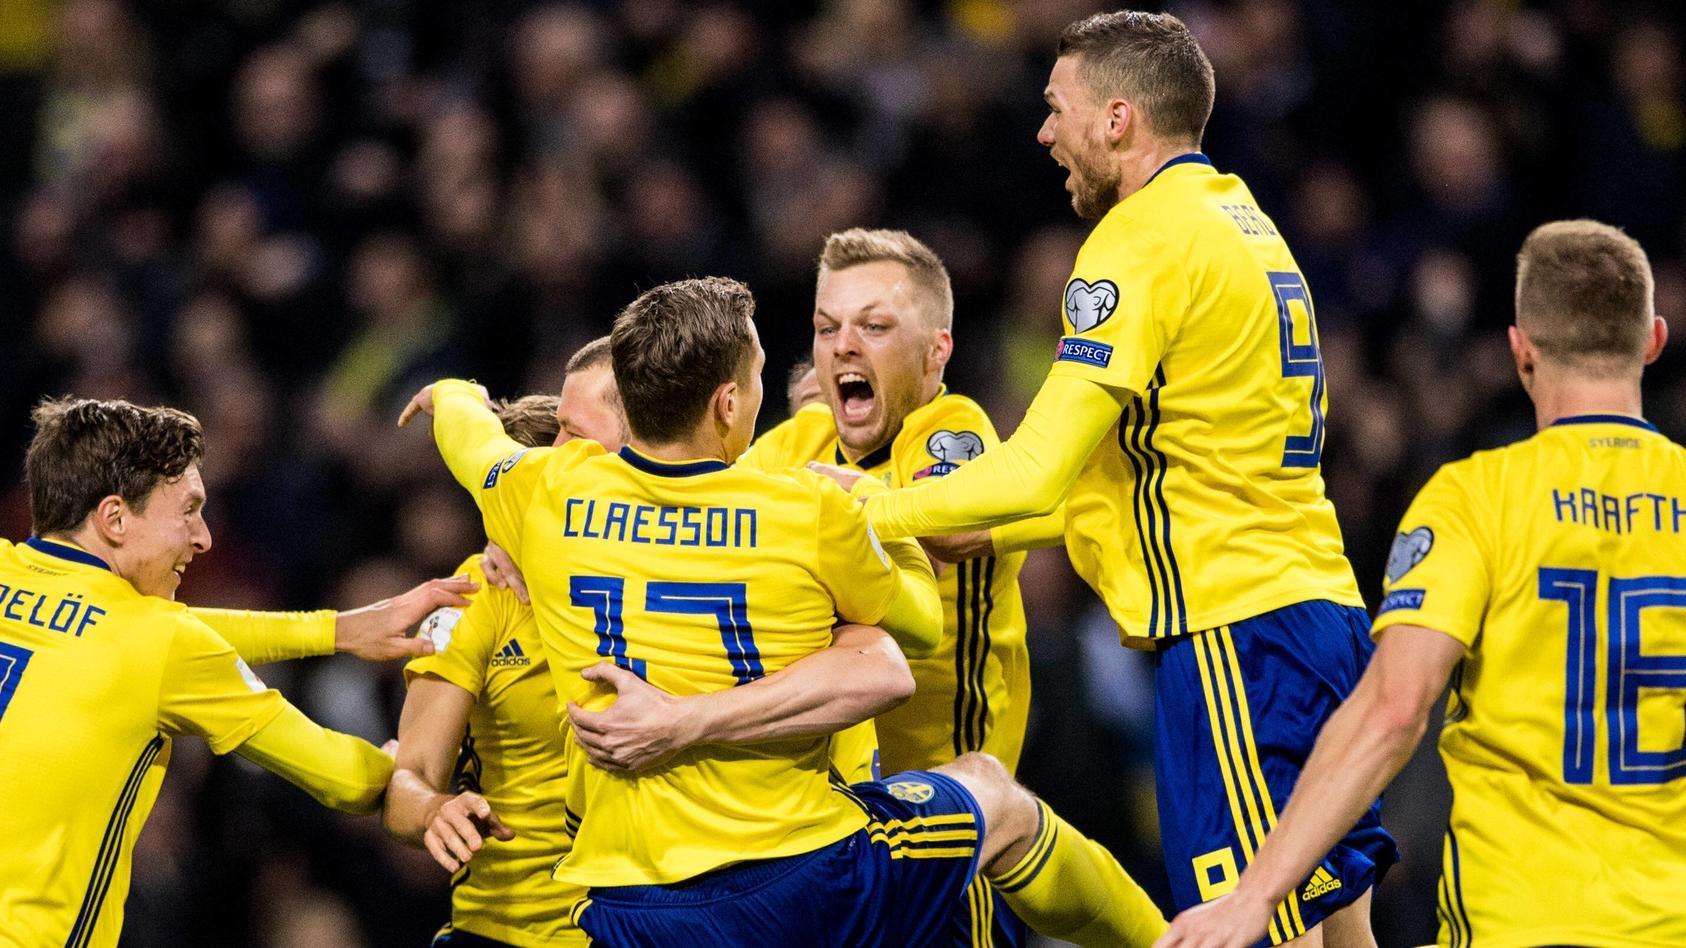 Jubel in Schweden: Das 'Drei-Kronen-Team' bezwang Italien im Playoff-Hinspiel für die WM mit 1:0.